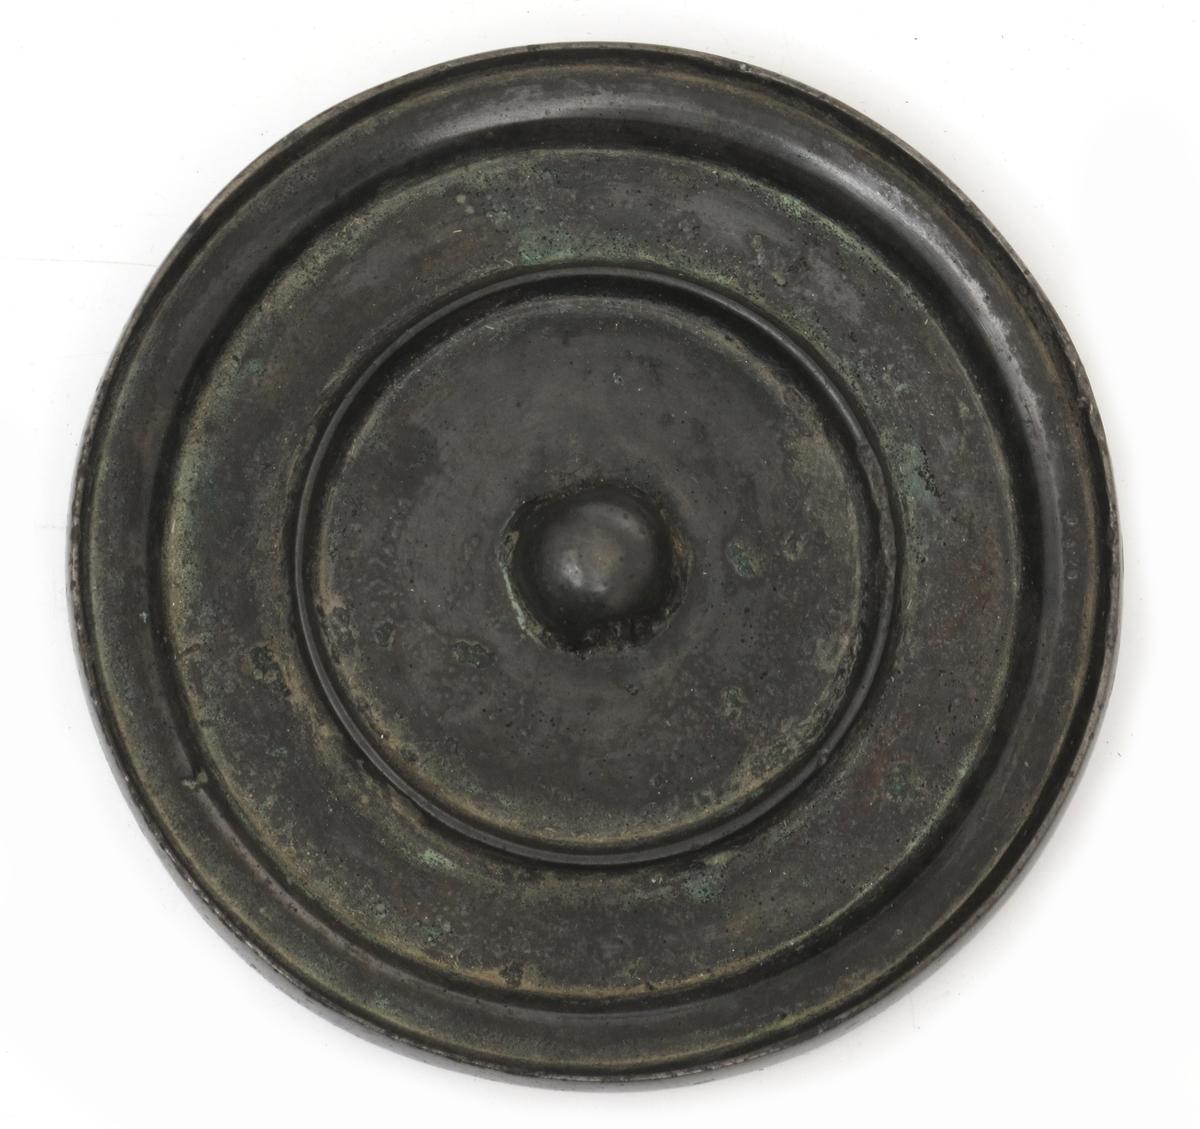 Sirkelformet speil, med en knott på midten til å holde i.  Bronsespeil er en form for speil som var i bruk før de moderne glasspeil.